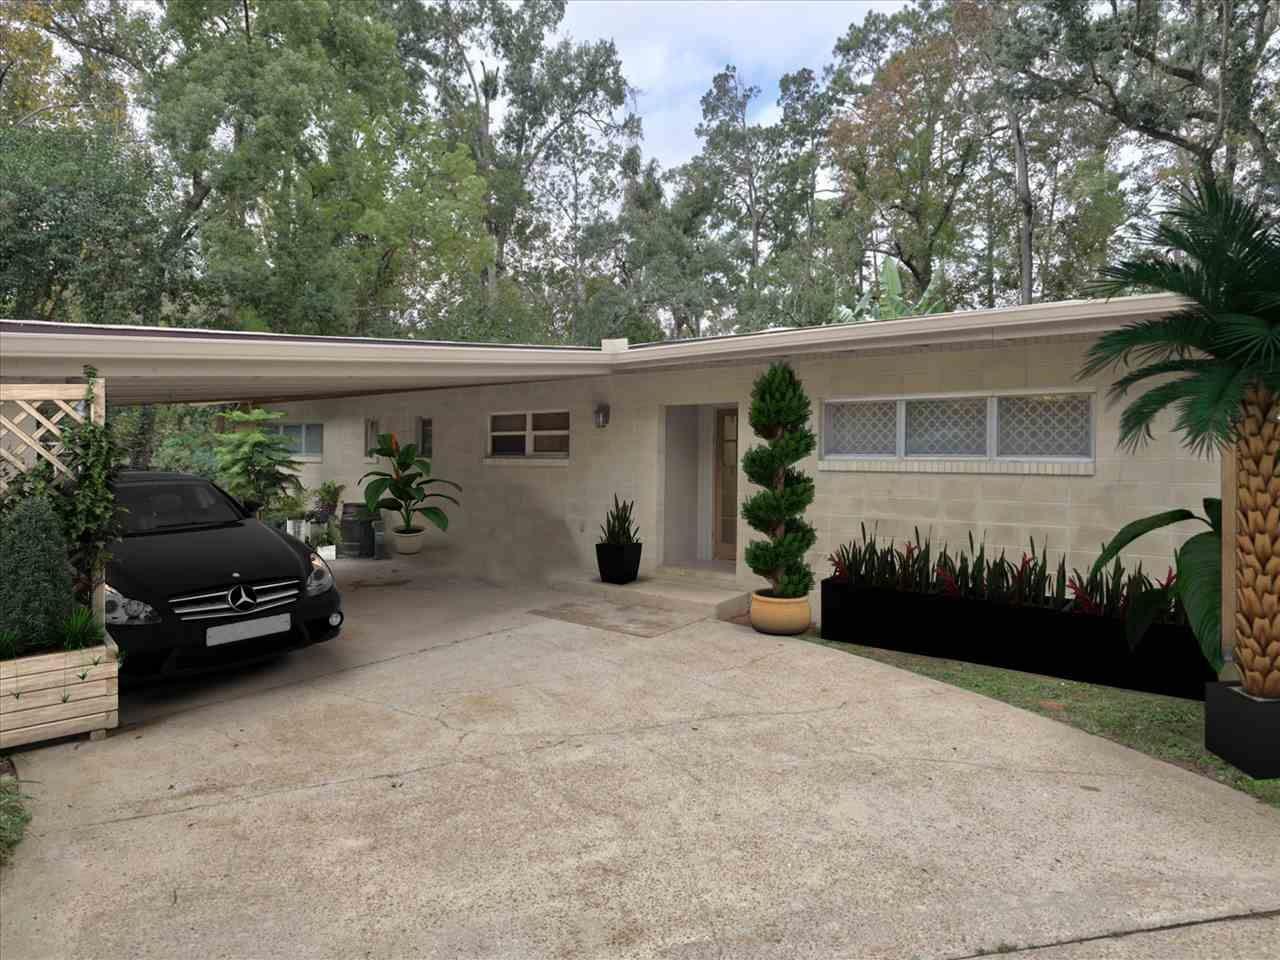 1004 McClendon Drive, Tallahassee, FL 32308 - MLS#: 327286